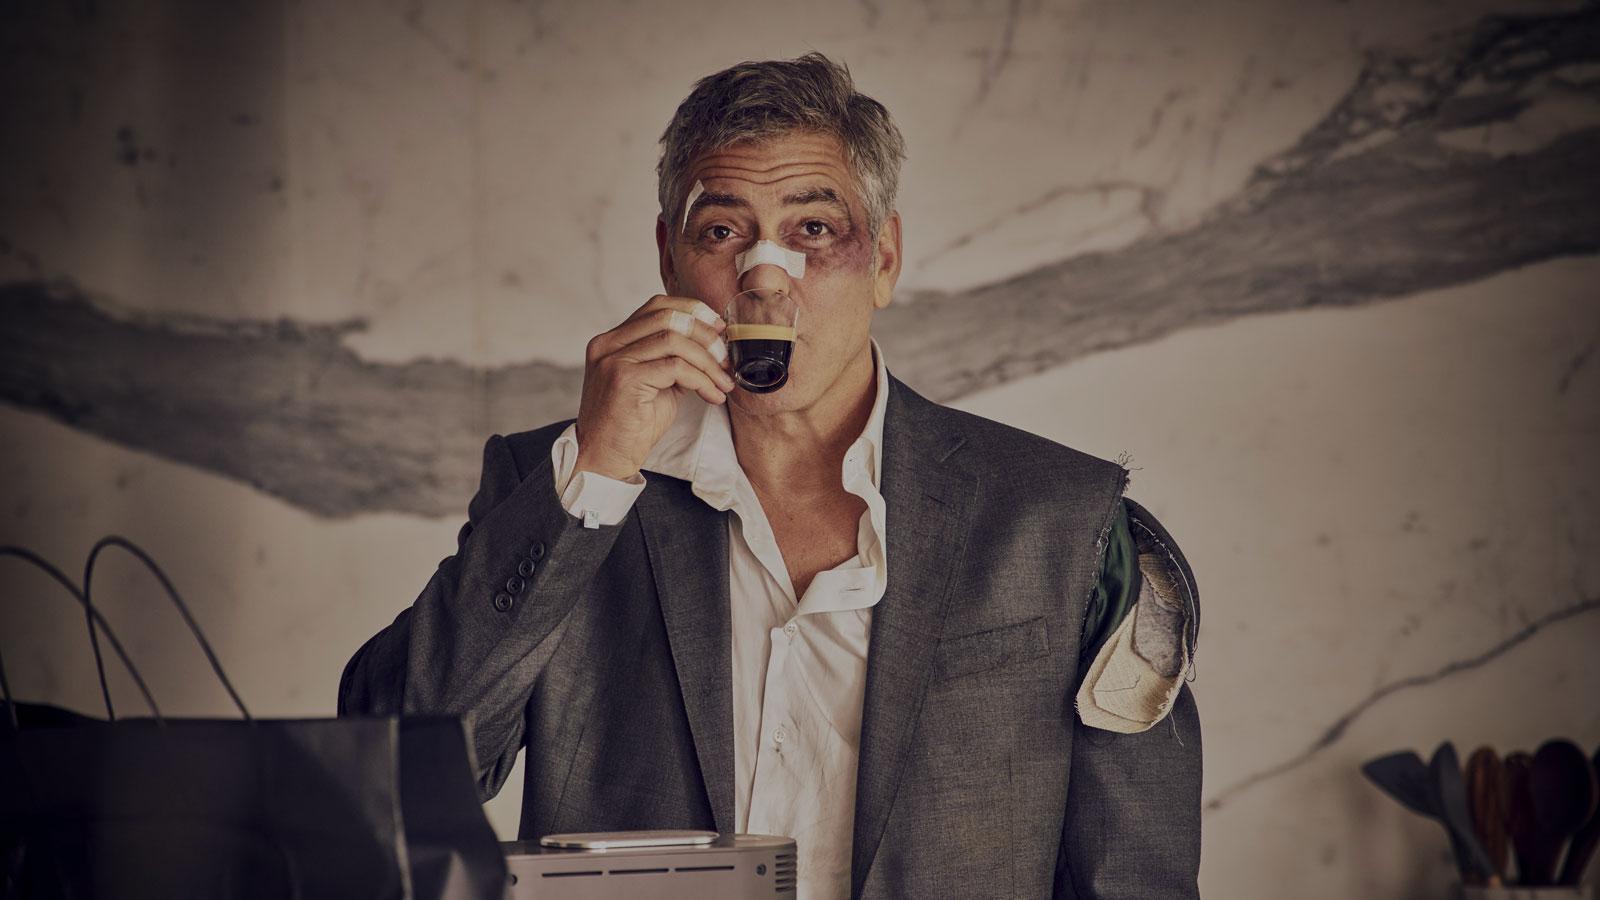 Fuck yeah George Clooney : un après-midi sur Internet avec l'acteur le plus cool d'Hollywood